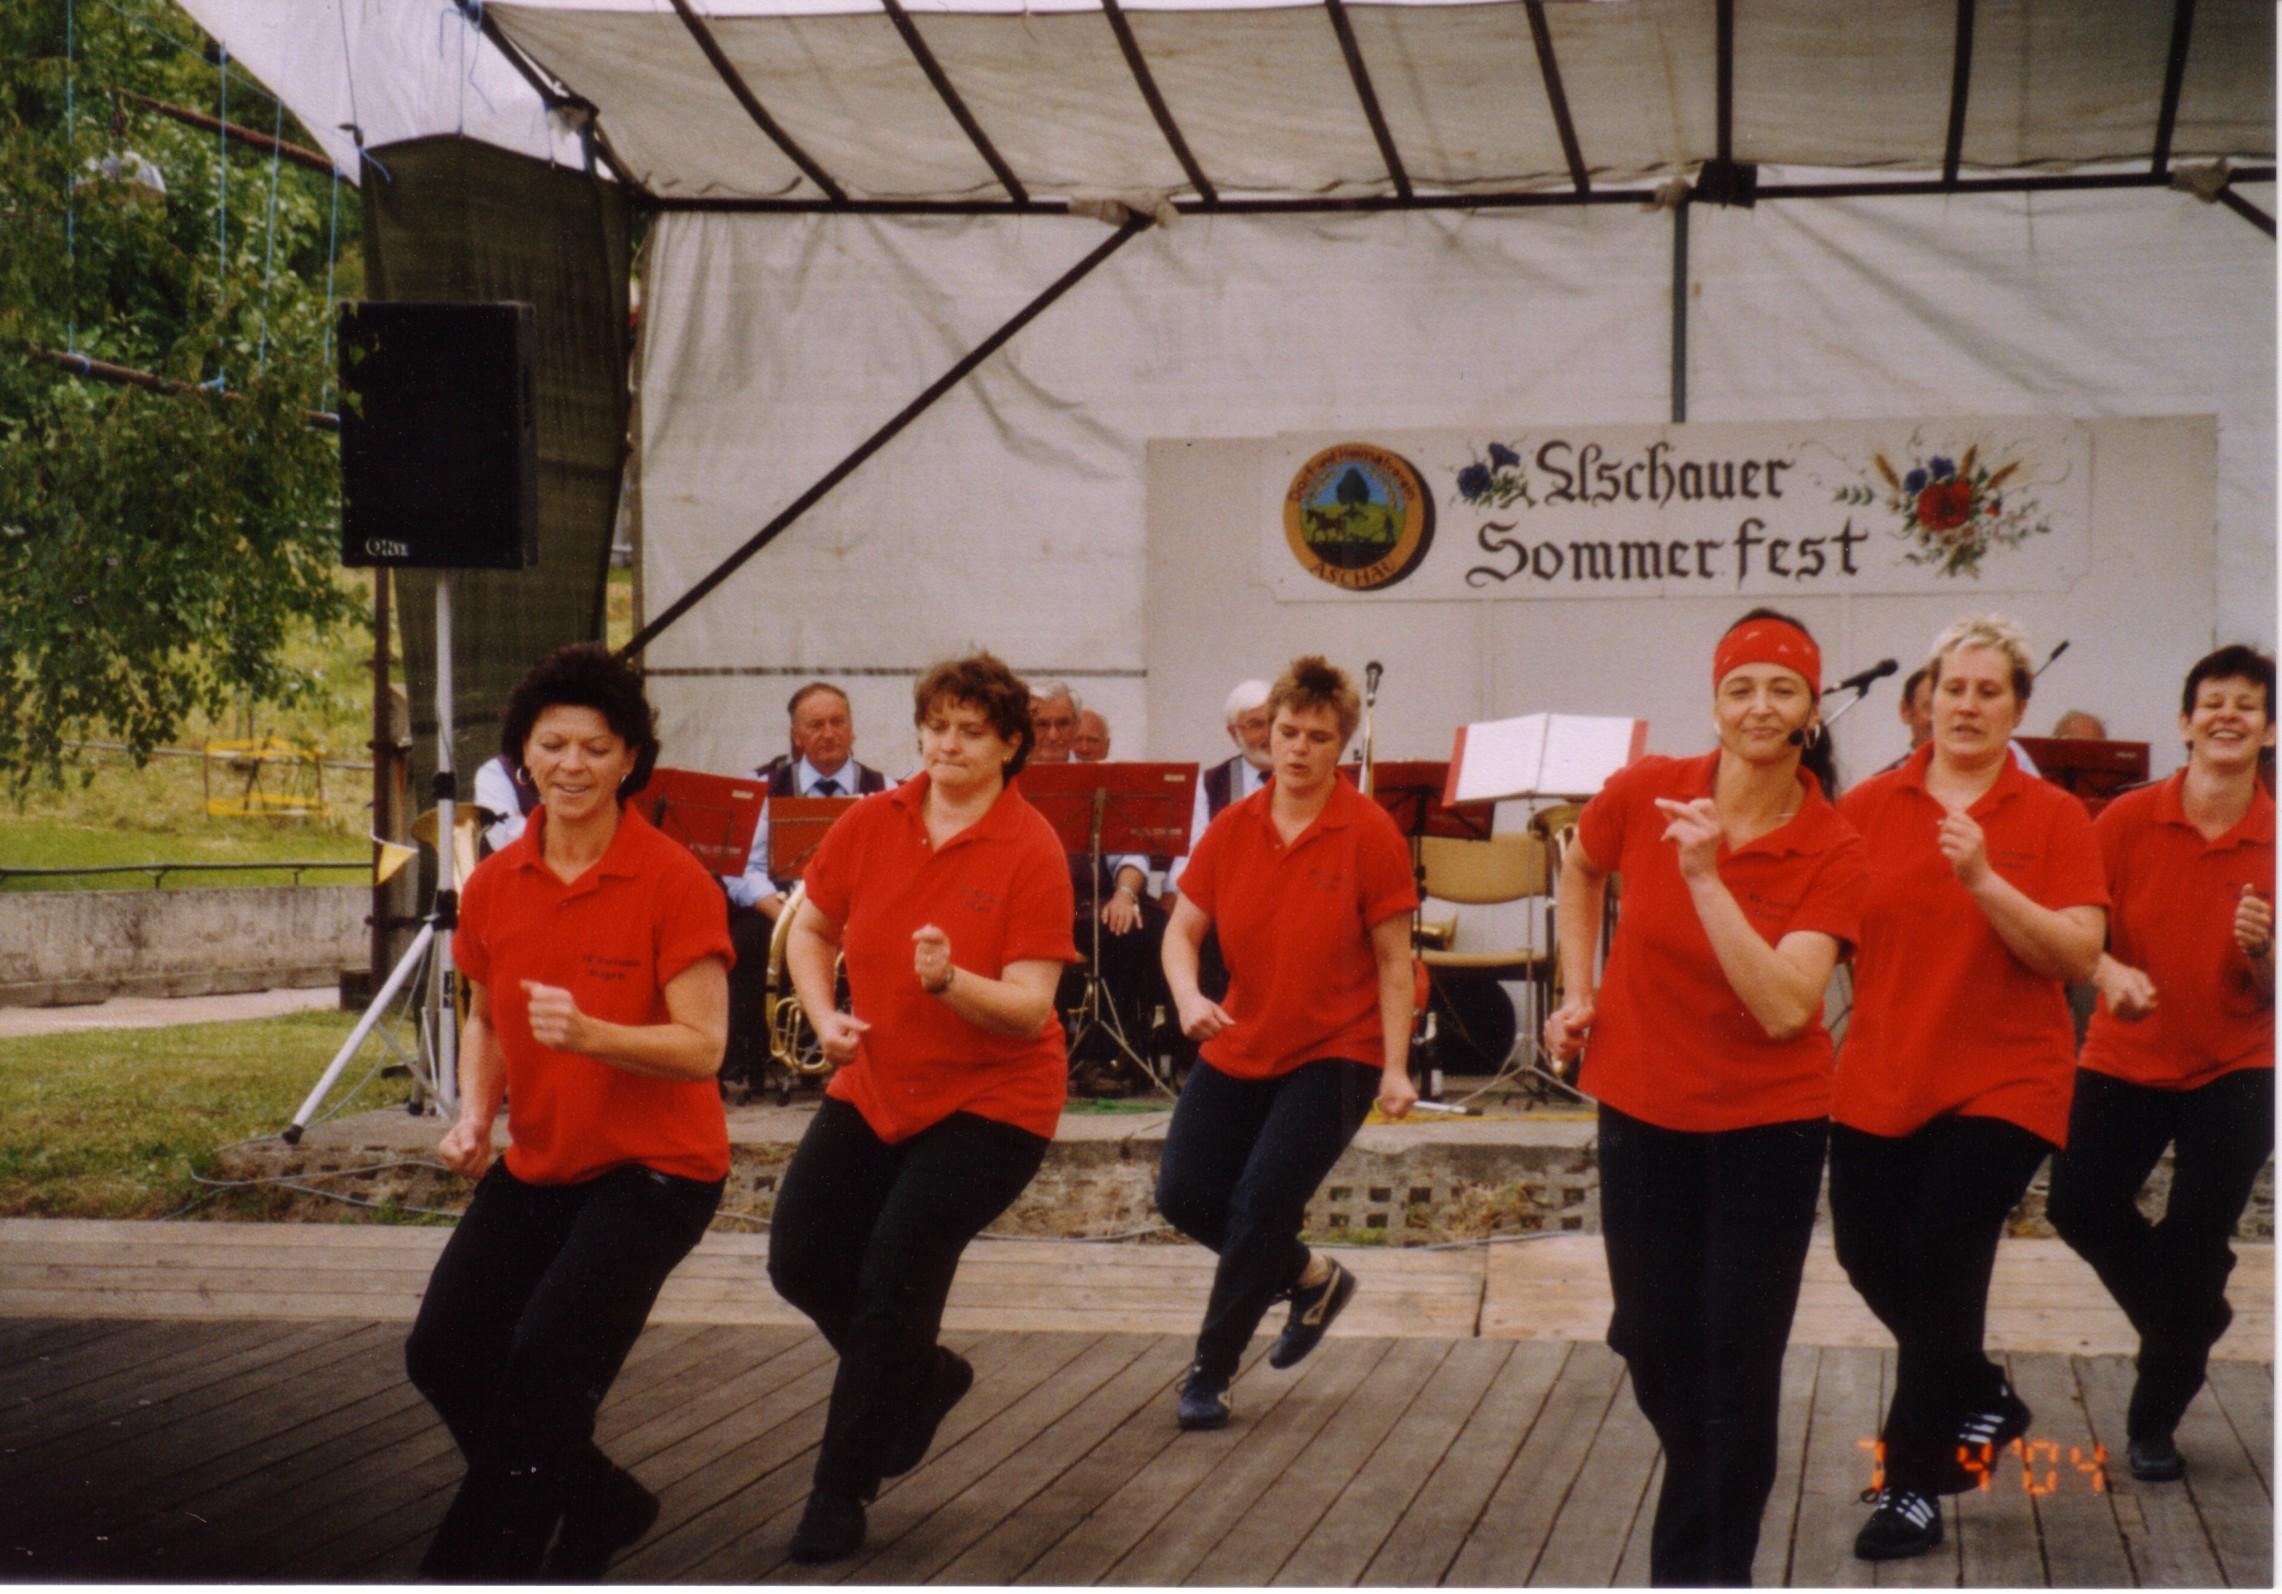 Aschauer Sommerfest